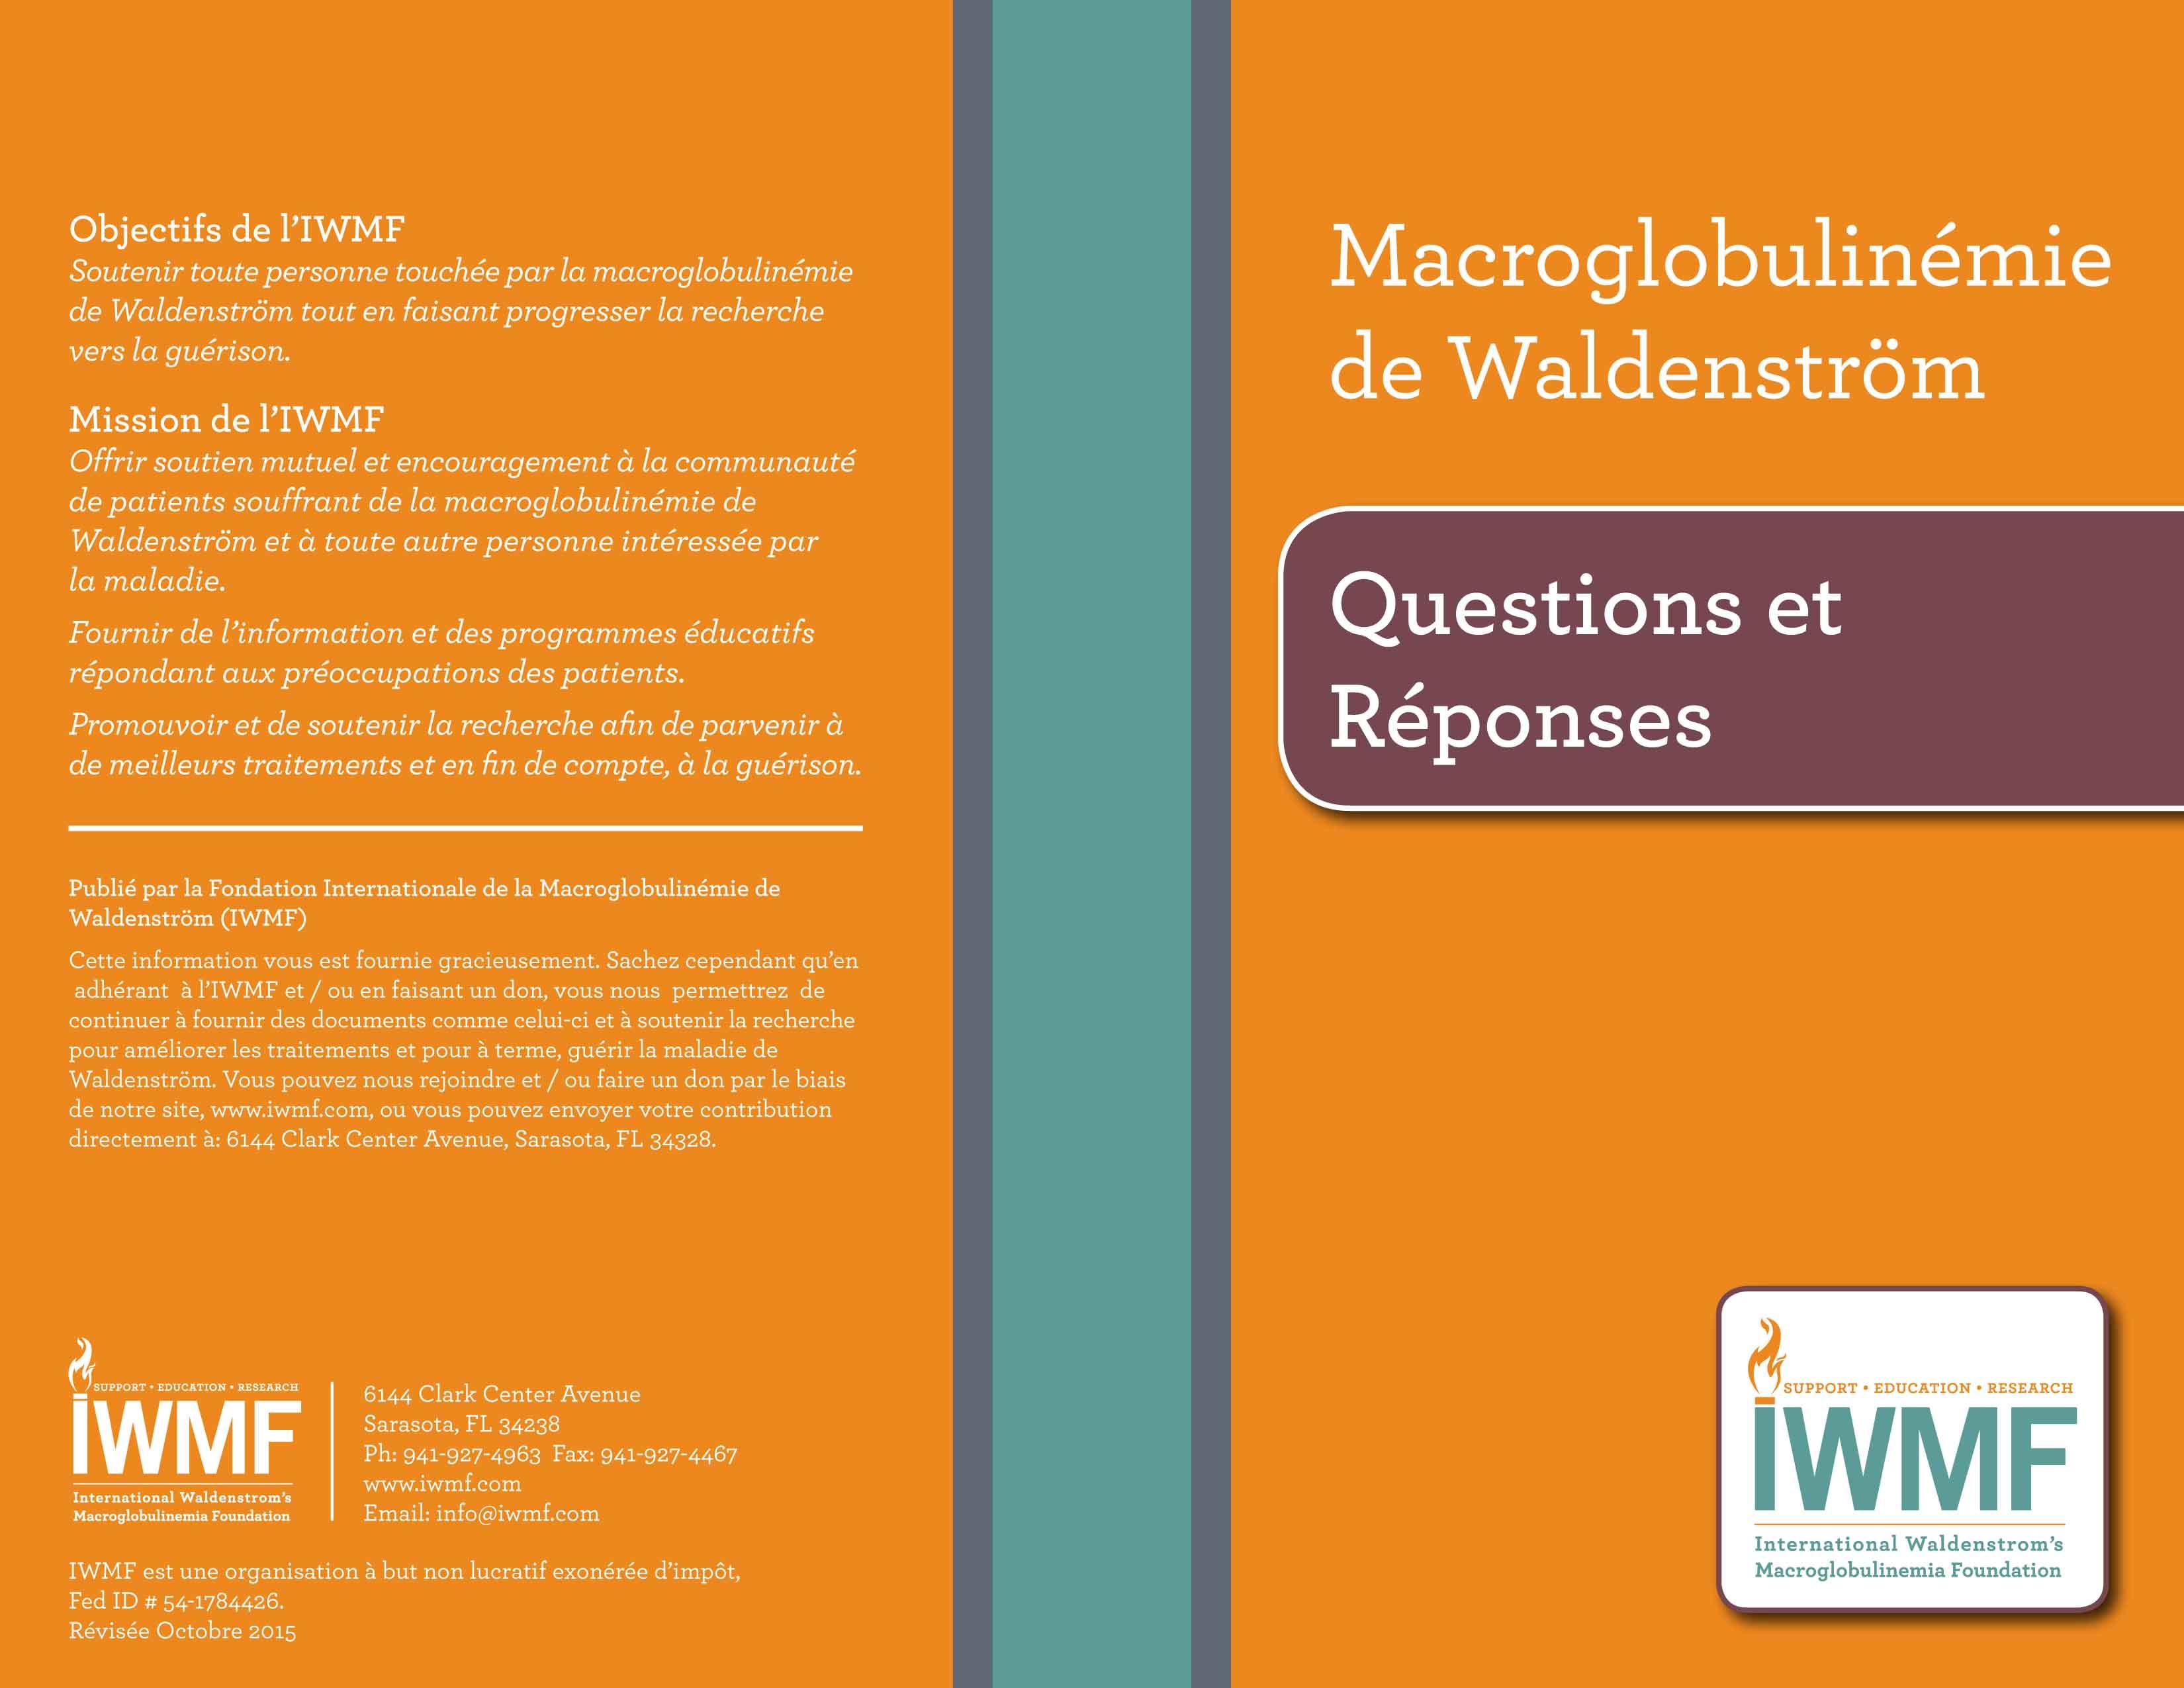 Questions et Réponses 2014-Cover